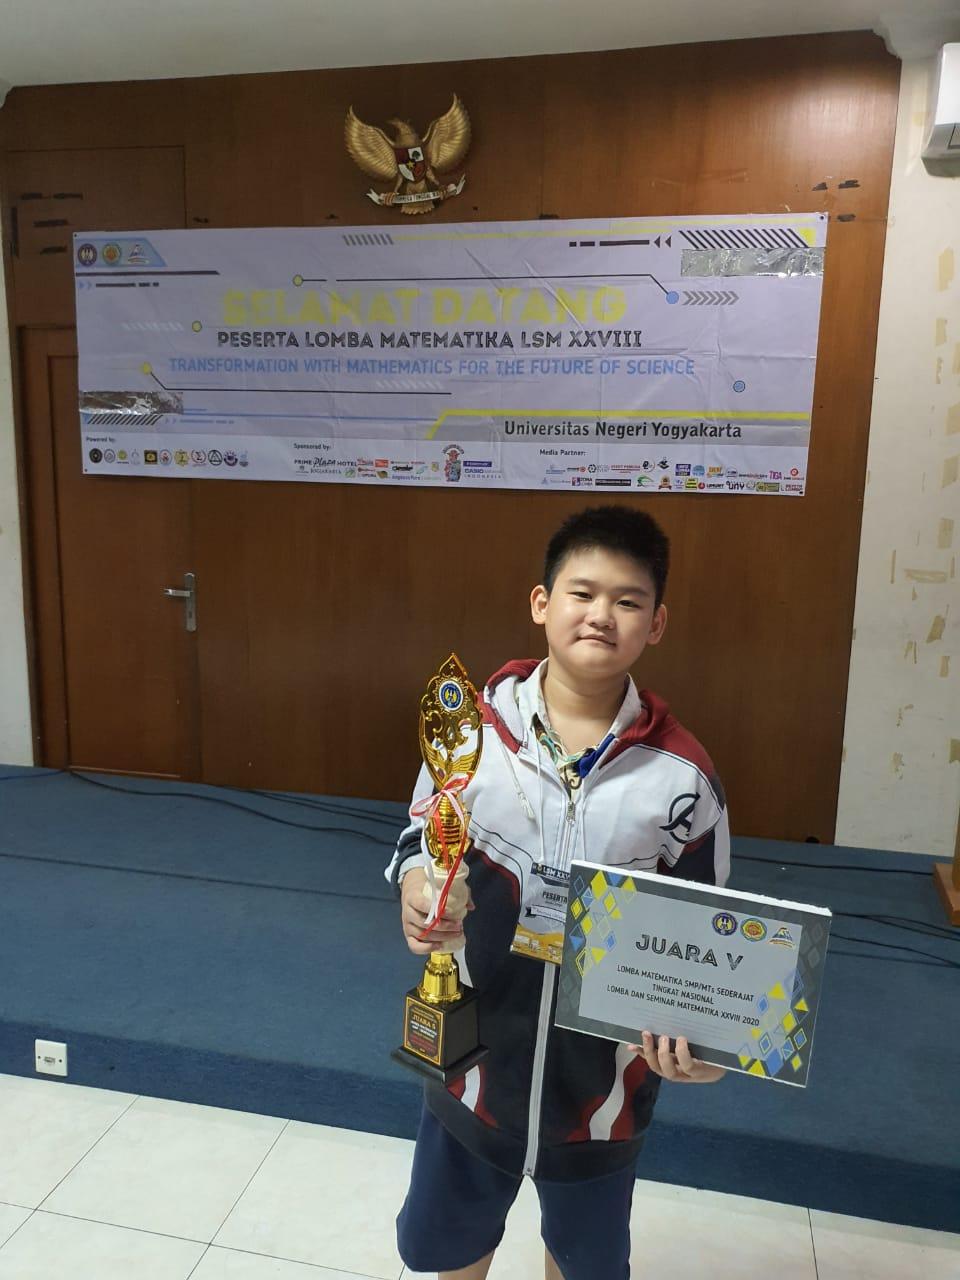 Raymond, Siswa SMP Kalam Kudus, Menorehkan Prestasi dalam Lomba dan Seminar Matematika (LSM) Tingkat Nasional